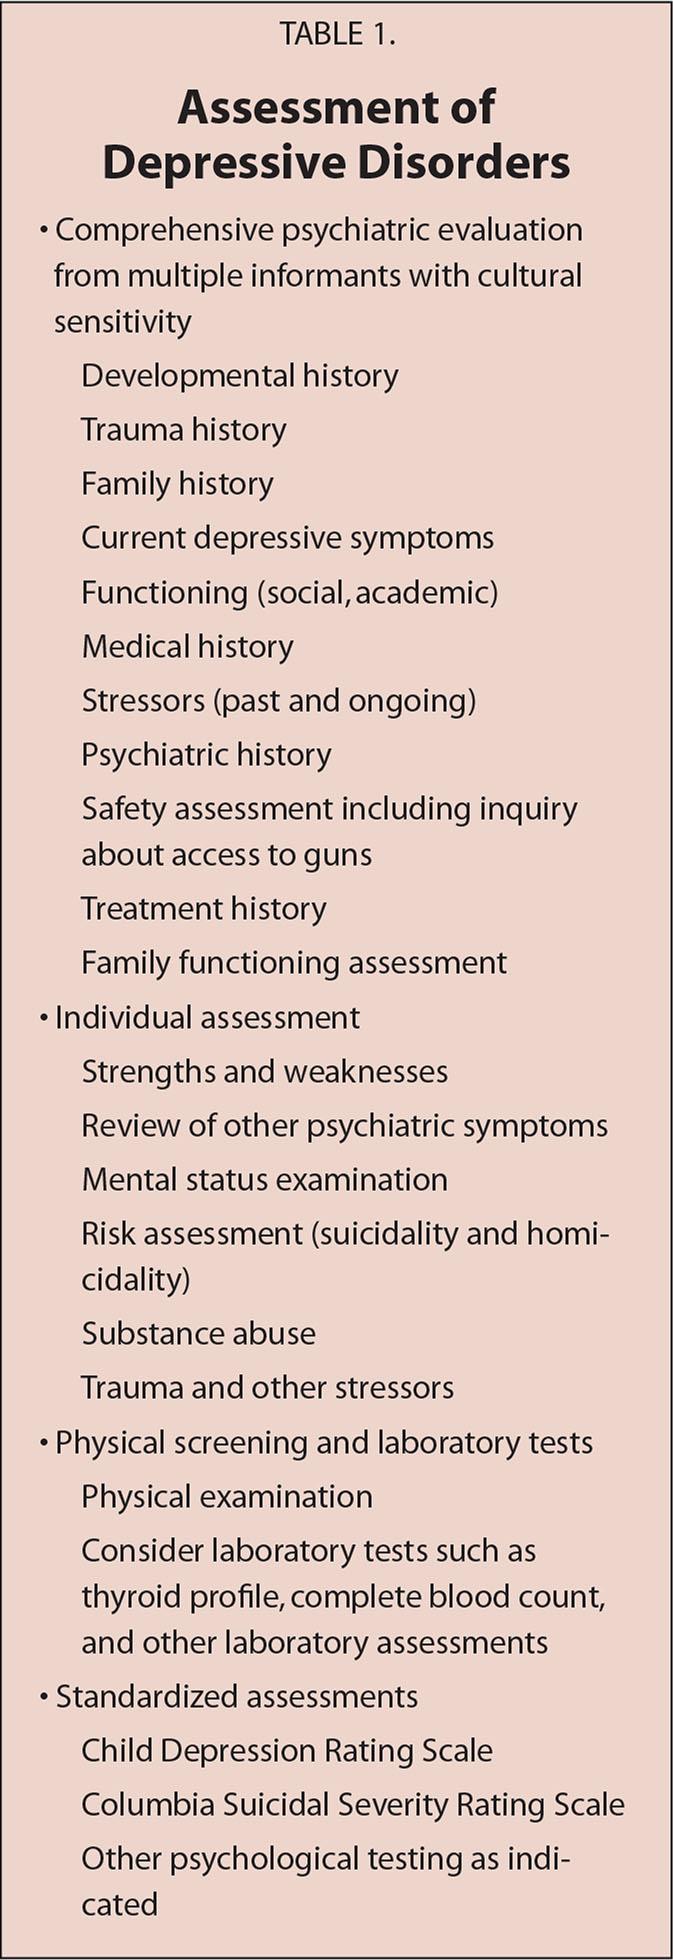 Assessment of Depressive Disorders